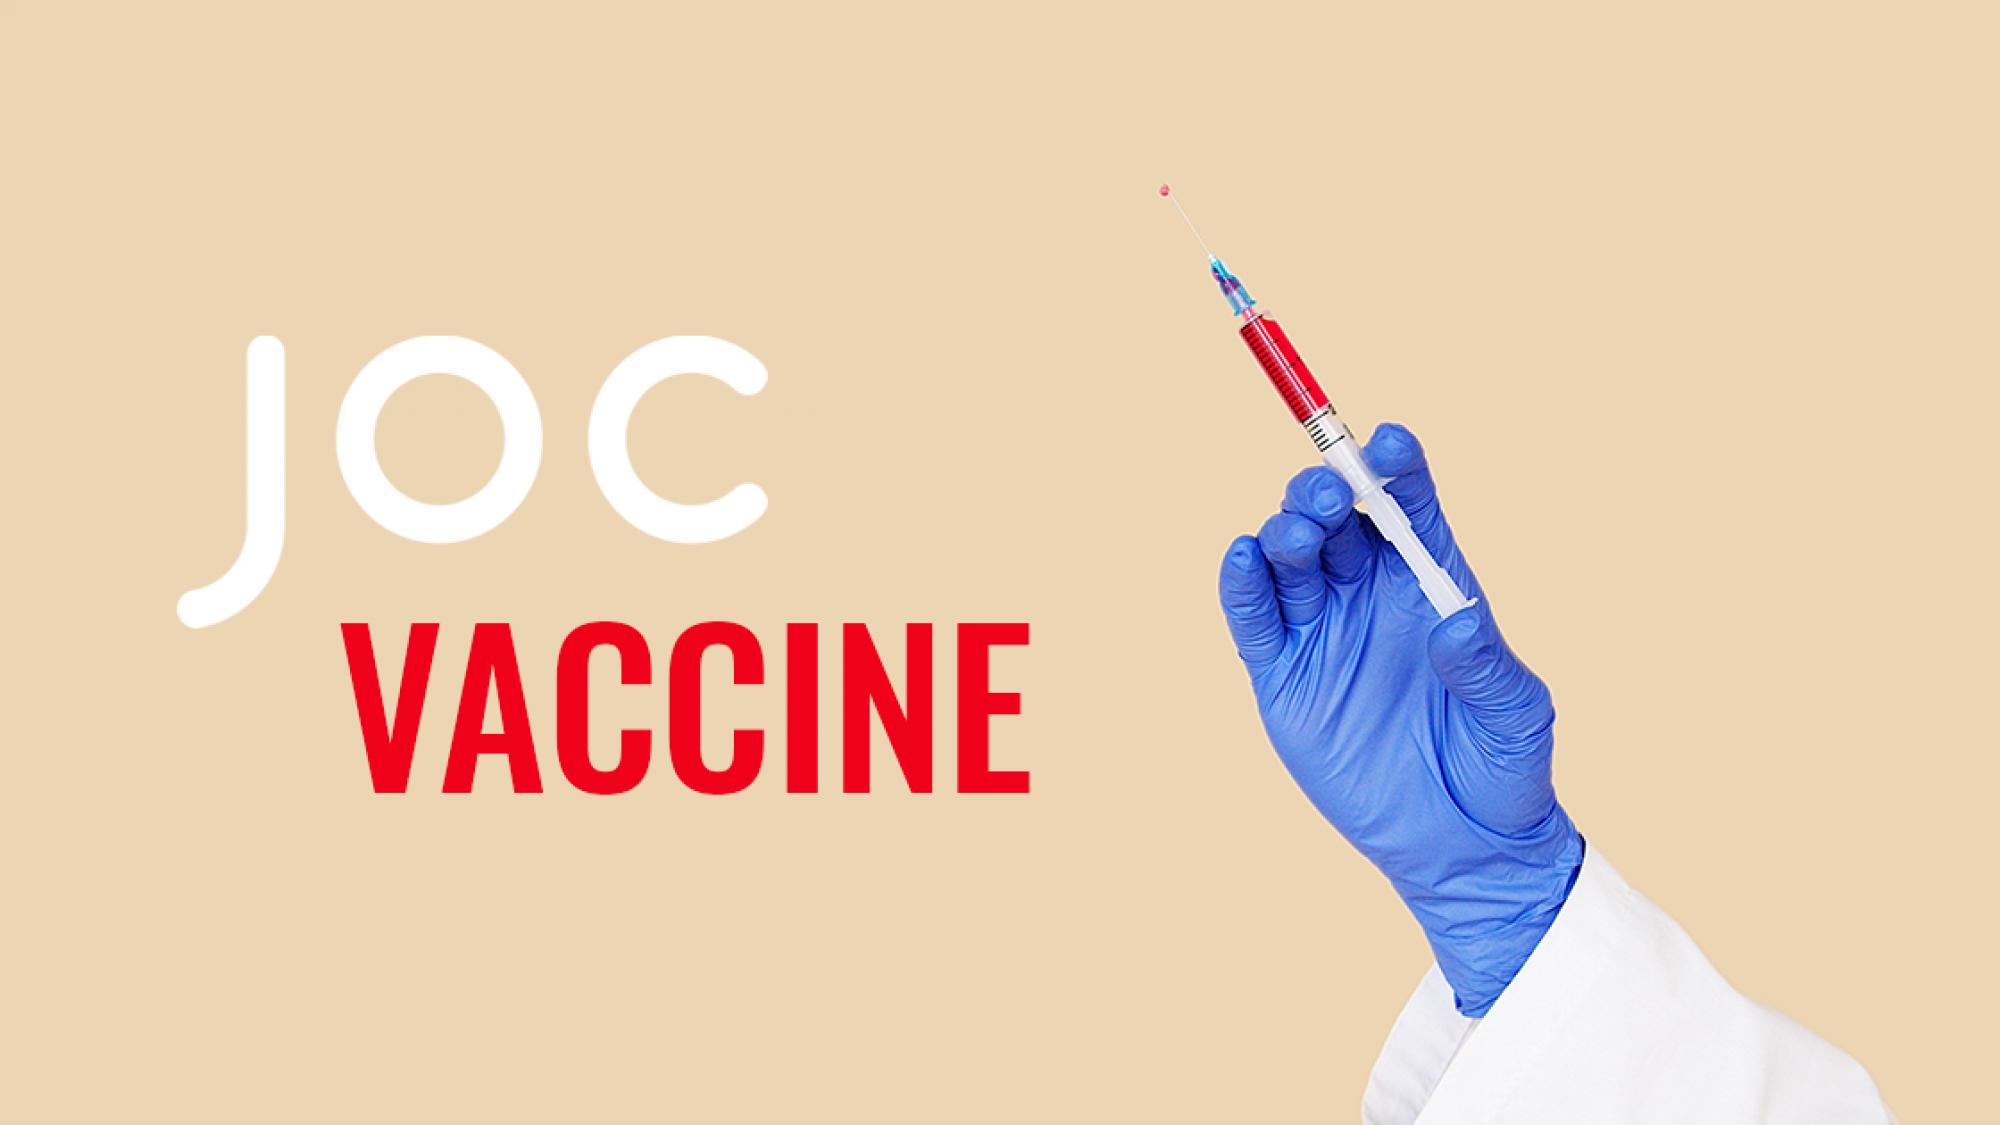 pfizer astrazeneca moderna joc vaccine